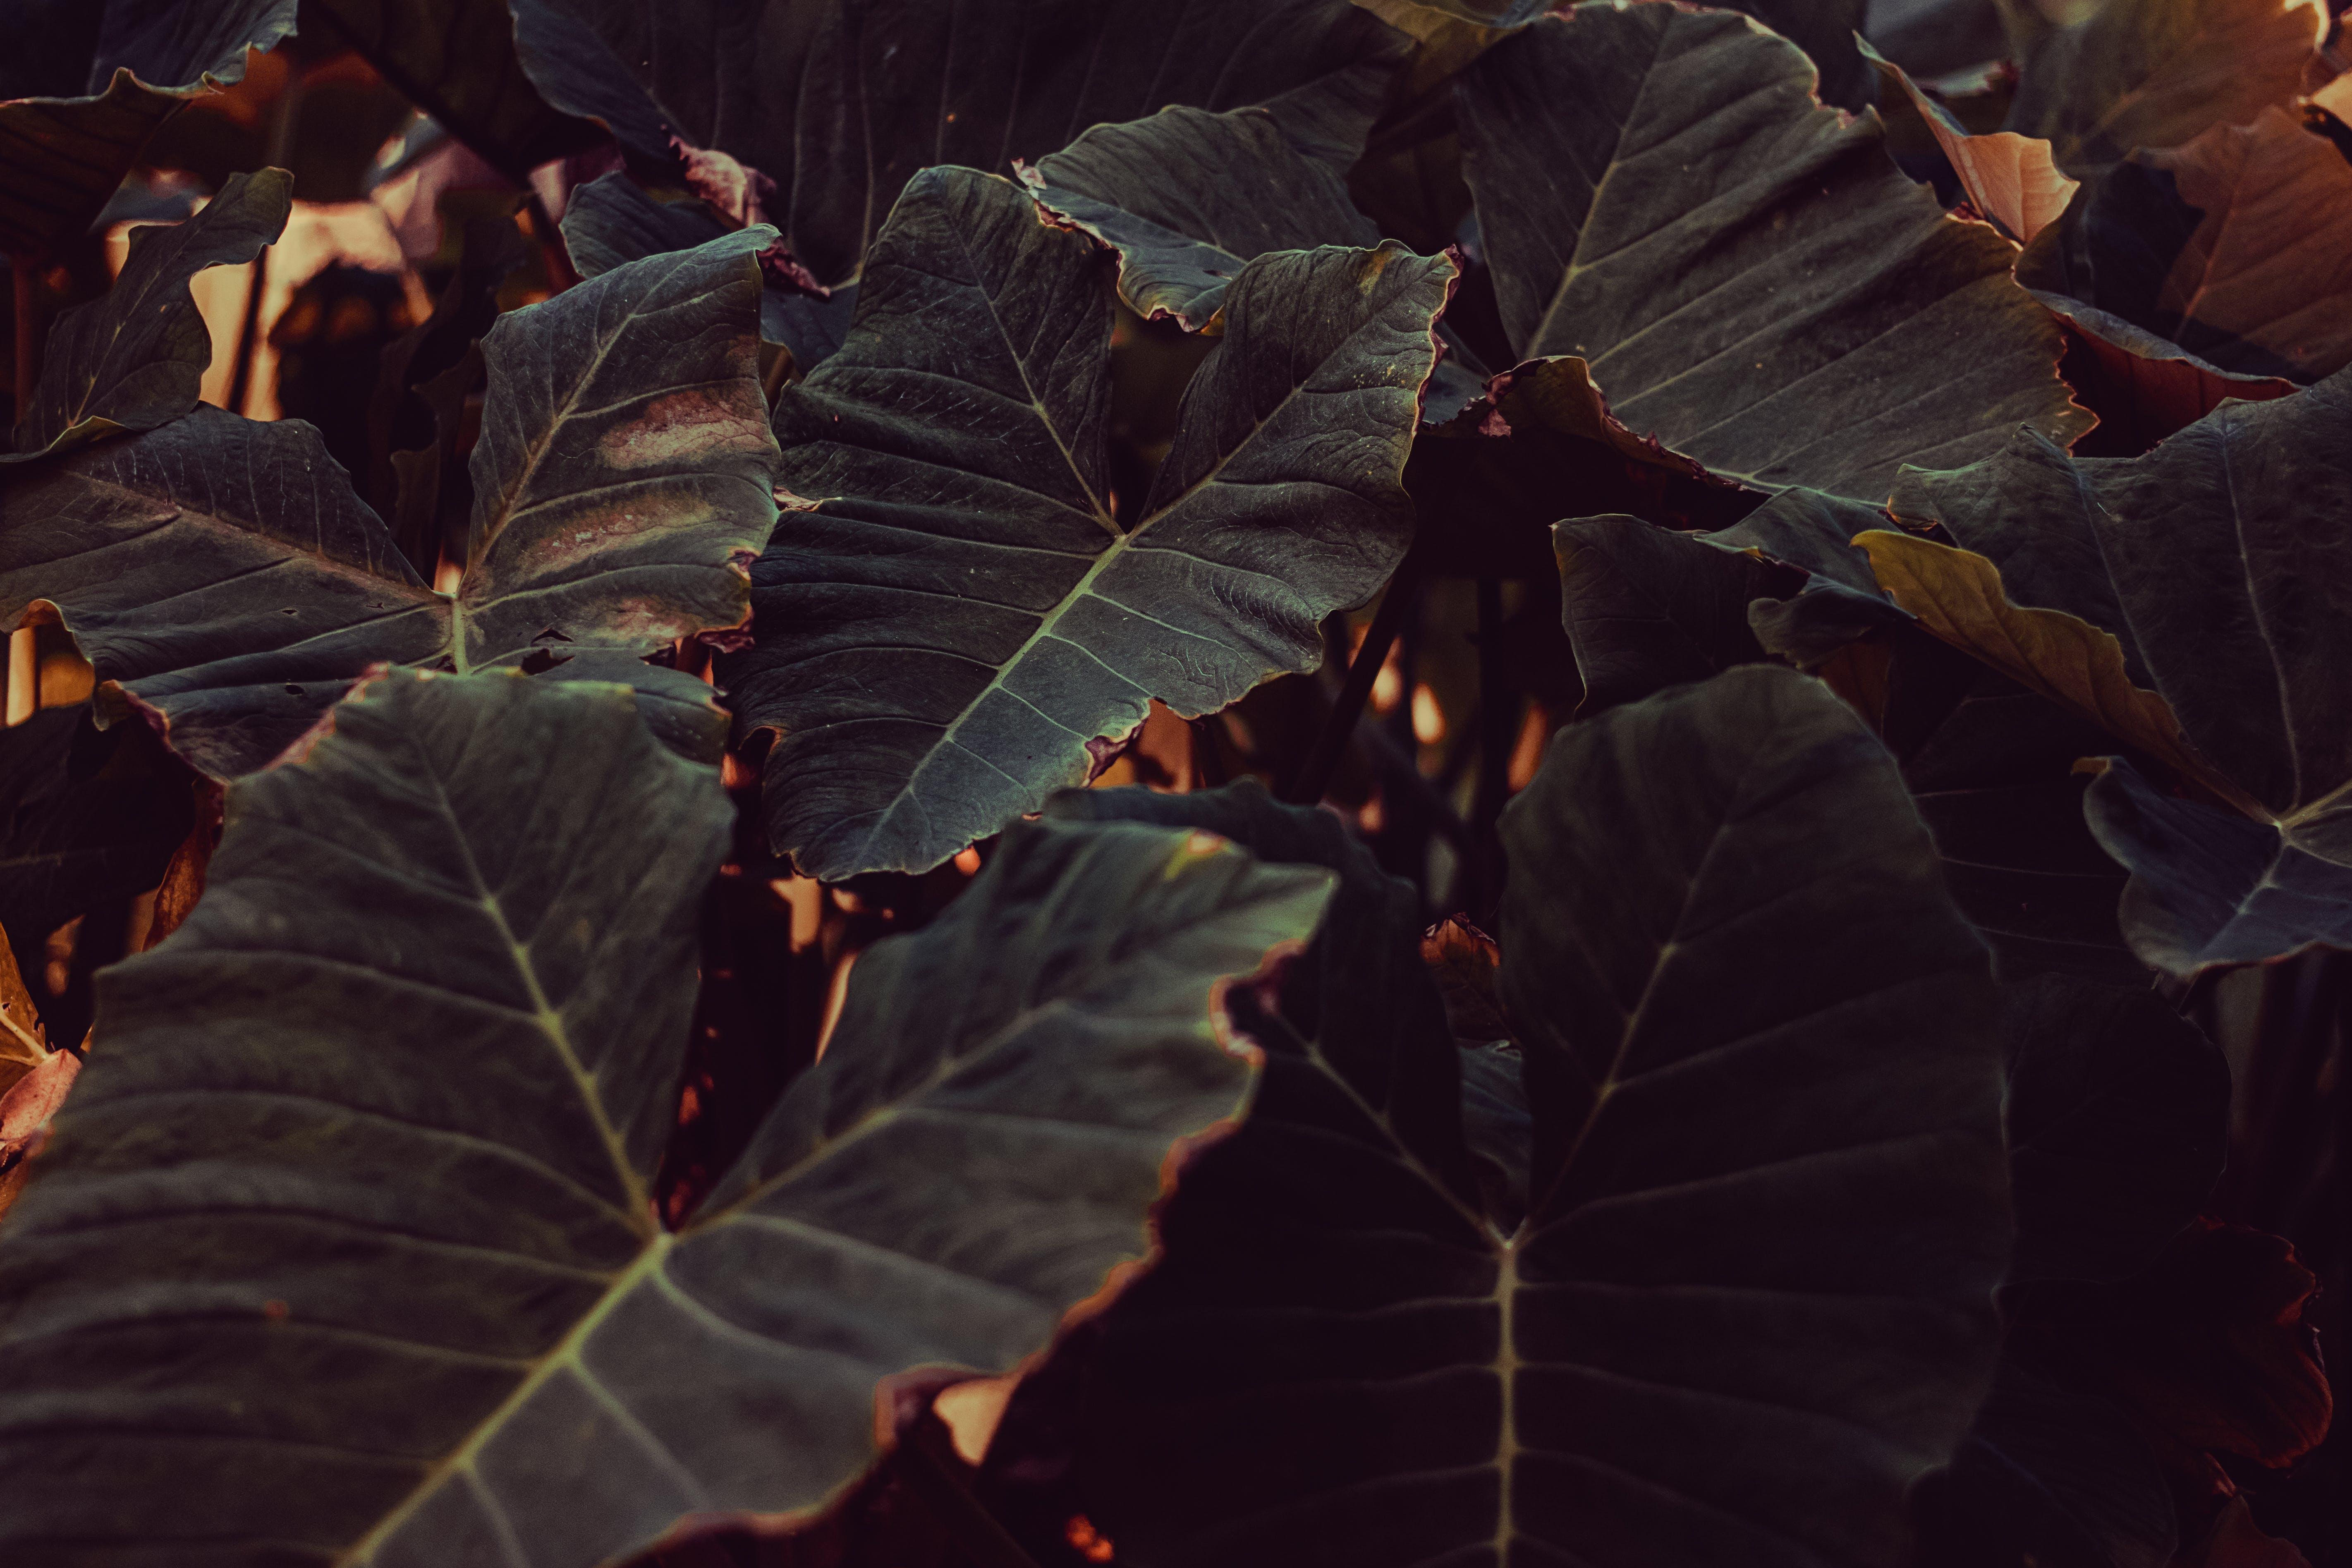 Darmowe zdjęcie z galerii z ciemnozielone rośliny, ciemnozielony, duży liść, fotografia przyrodnicza